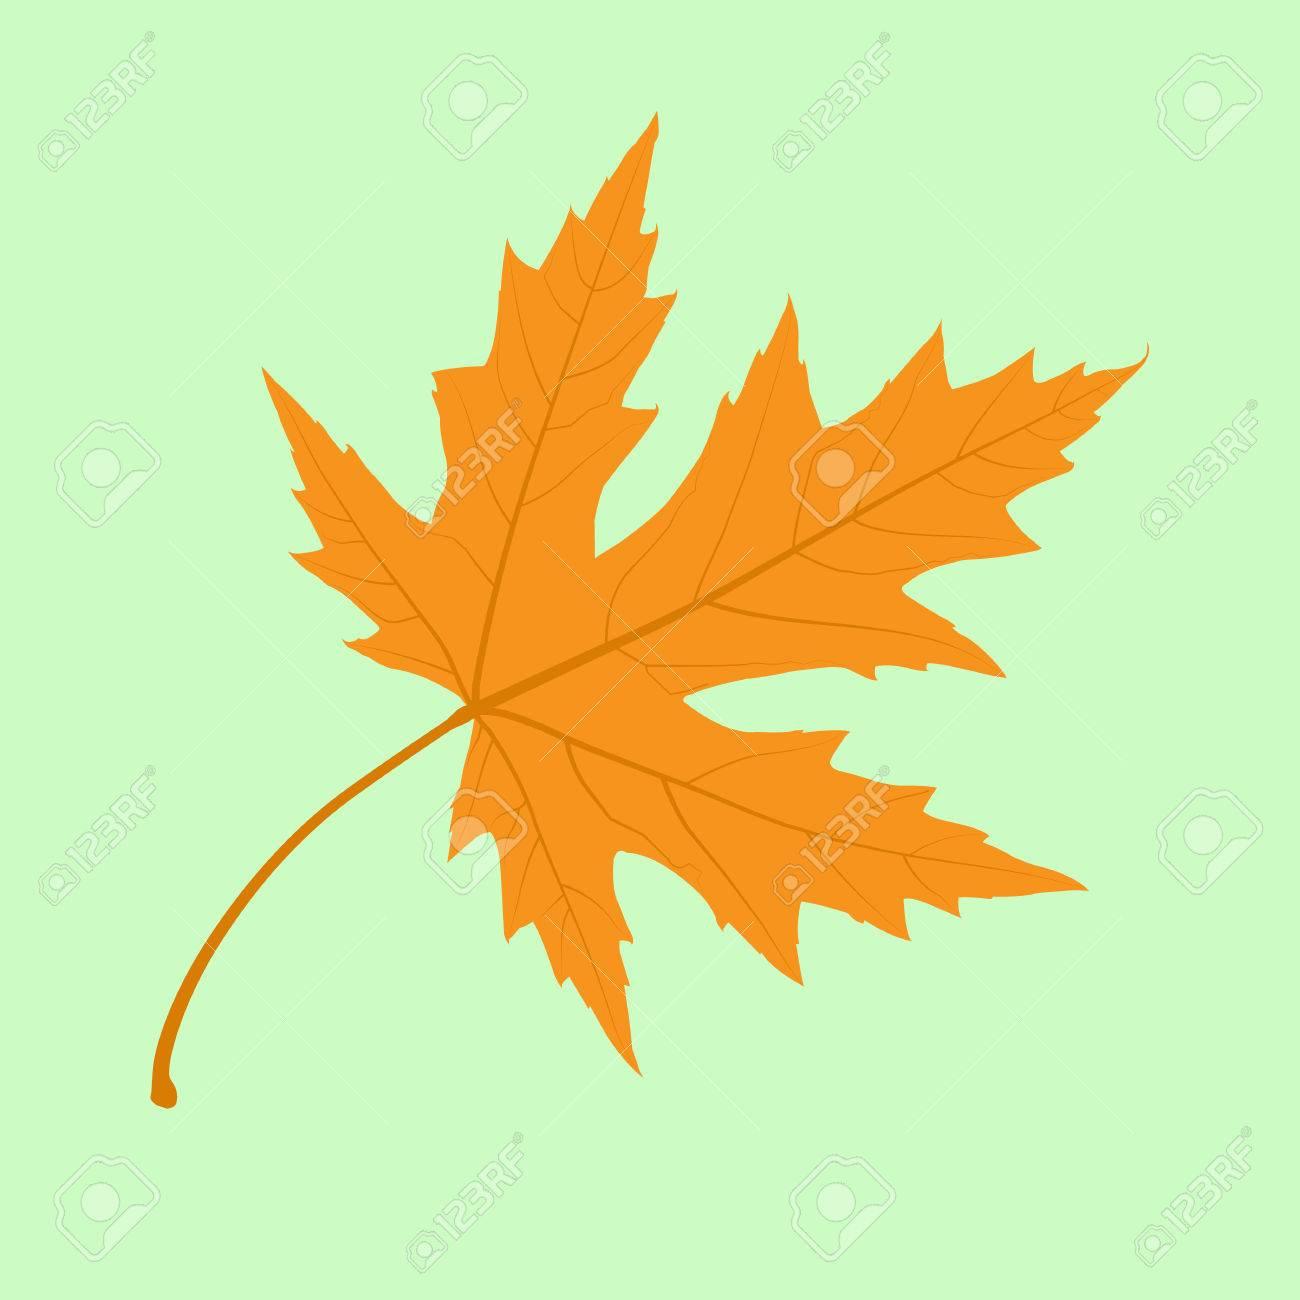 Maple Leaf. Illustration. - 54638853